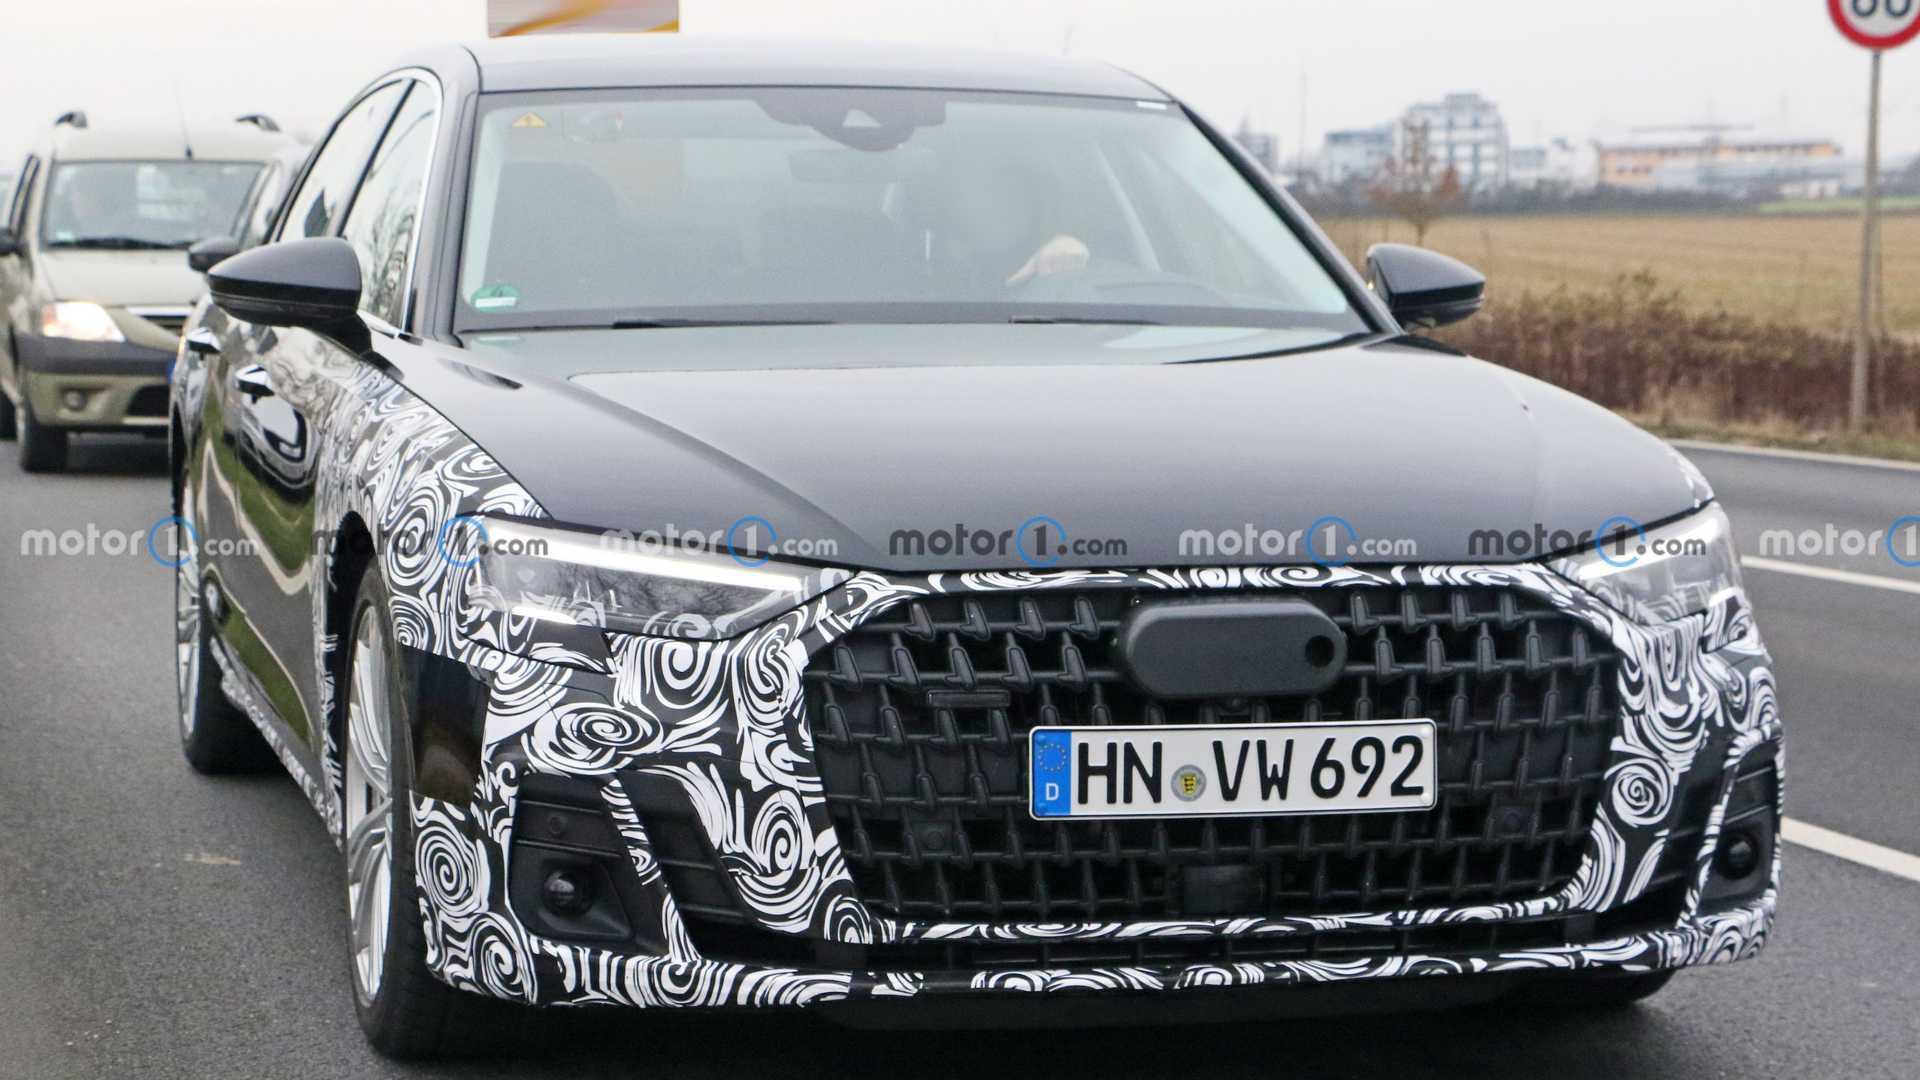 为了与新款奔驰S级竞争,奥迪A8中期谍照在新年亮相,增加了插电式混合动力版